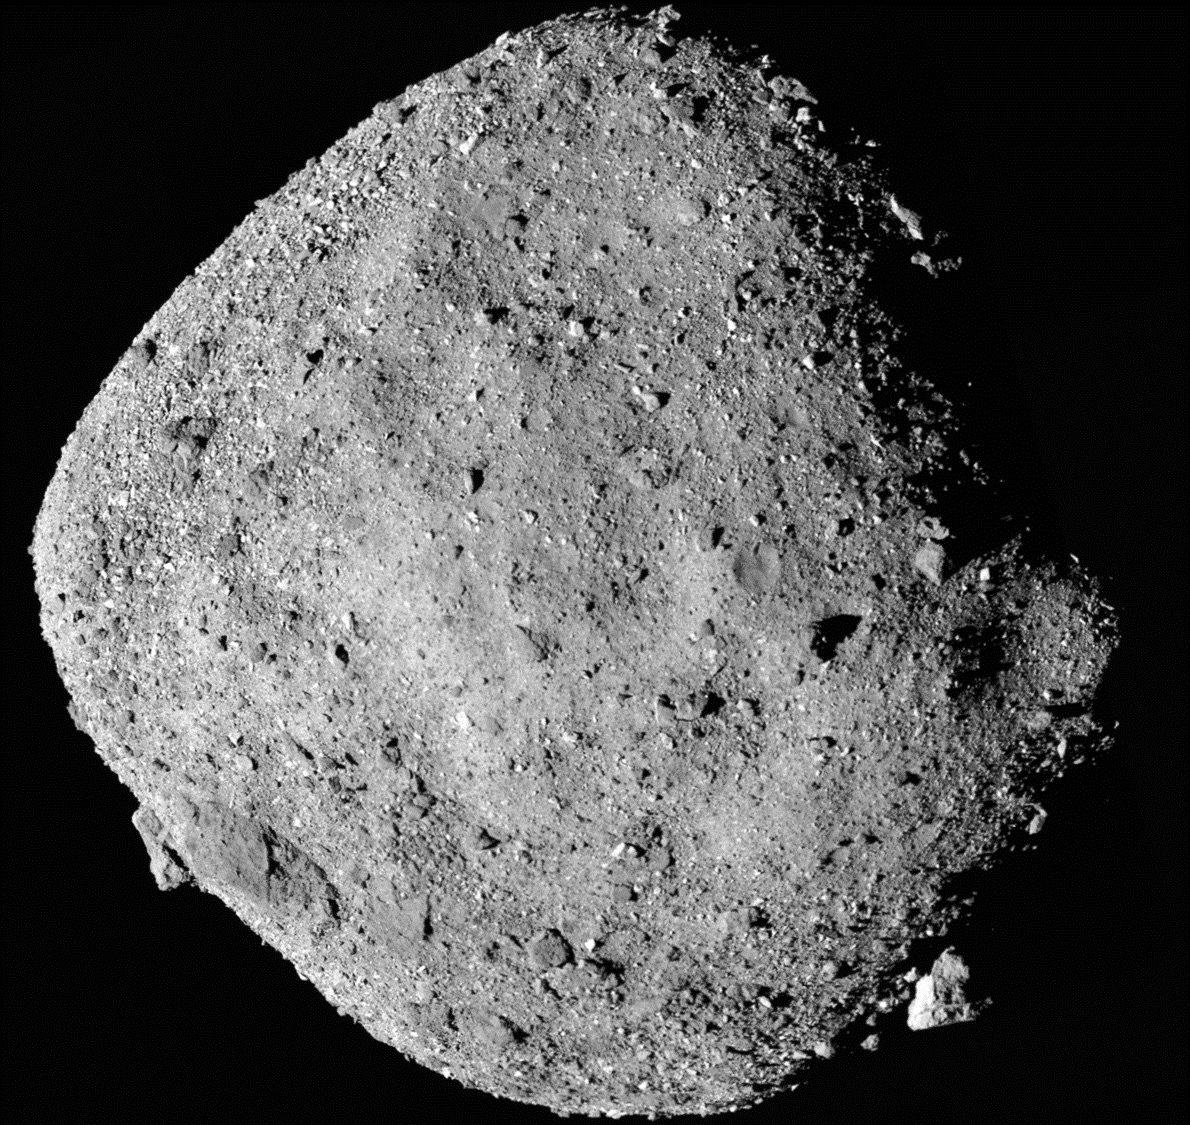 La sonda espacial OSIRIS-REx ha detectado indicios de agua en el asteroide Bennu